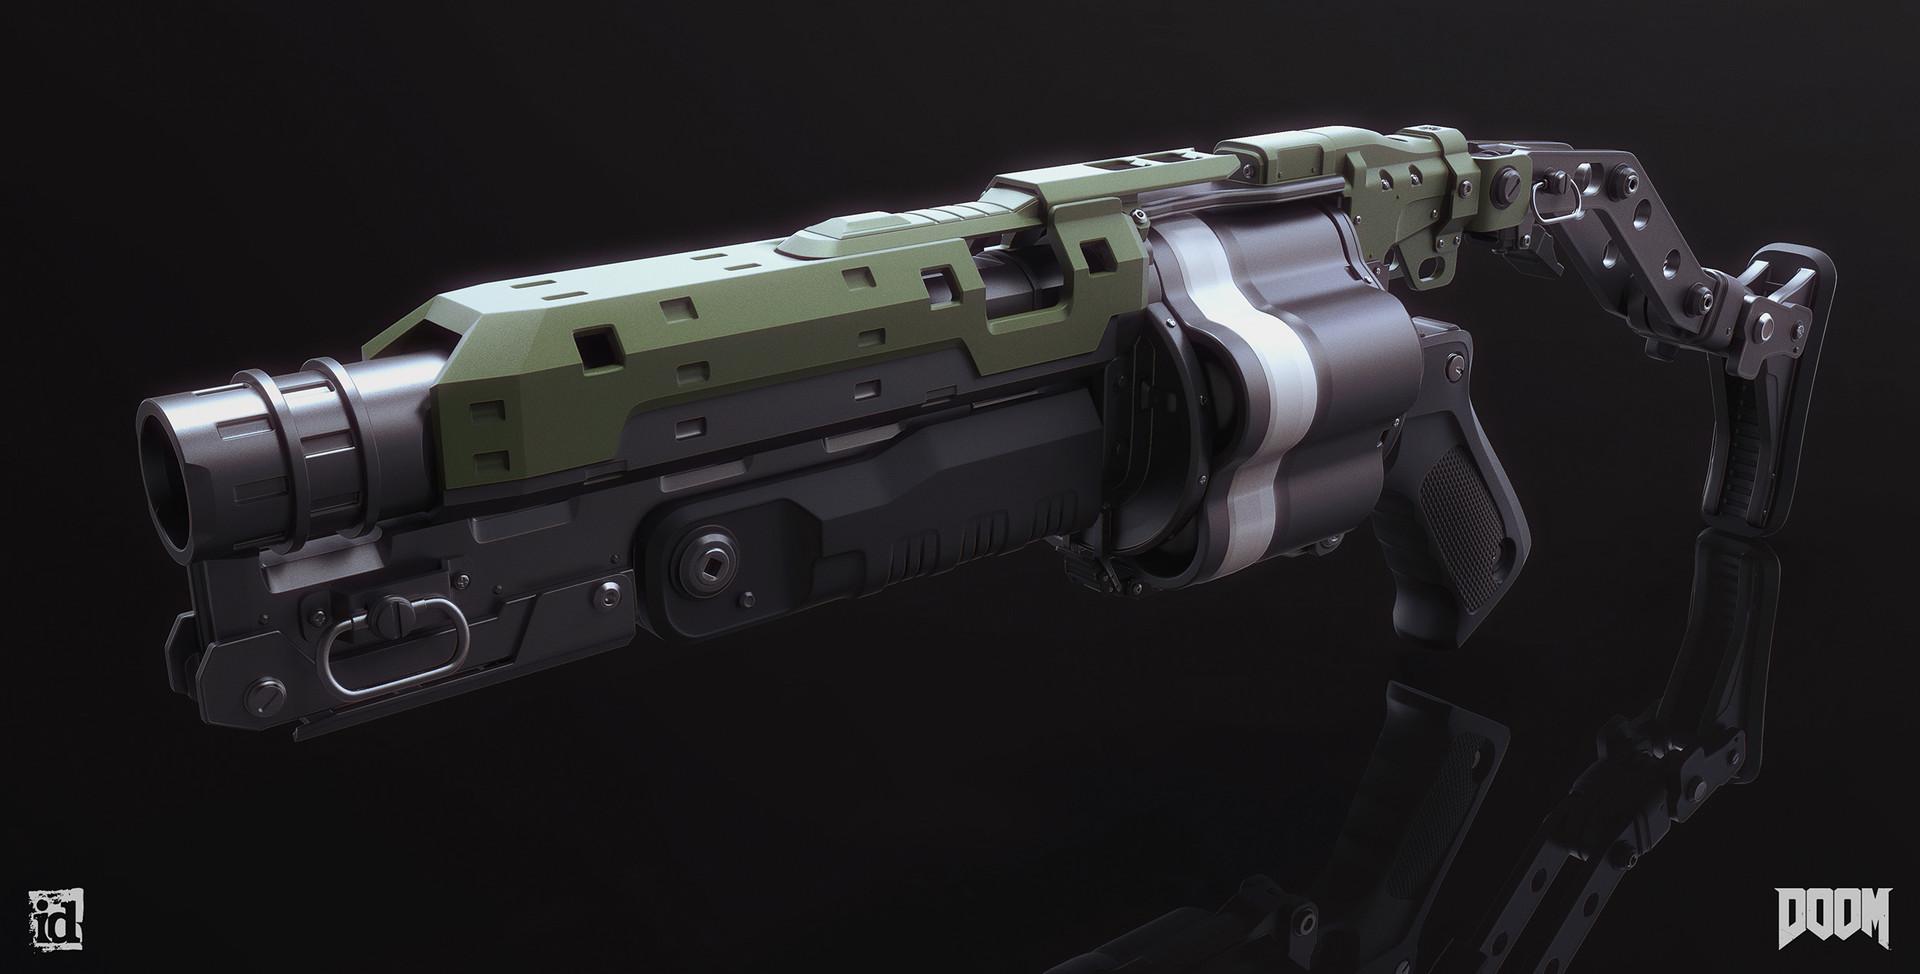 Mark van haitsma grenade launcher front perspective sm